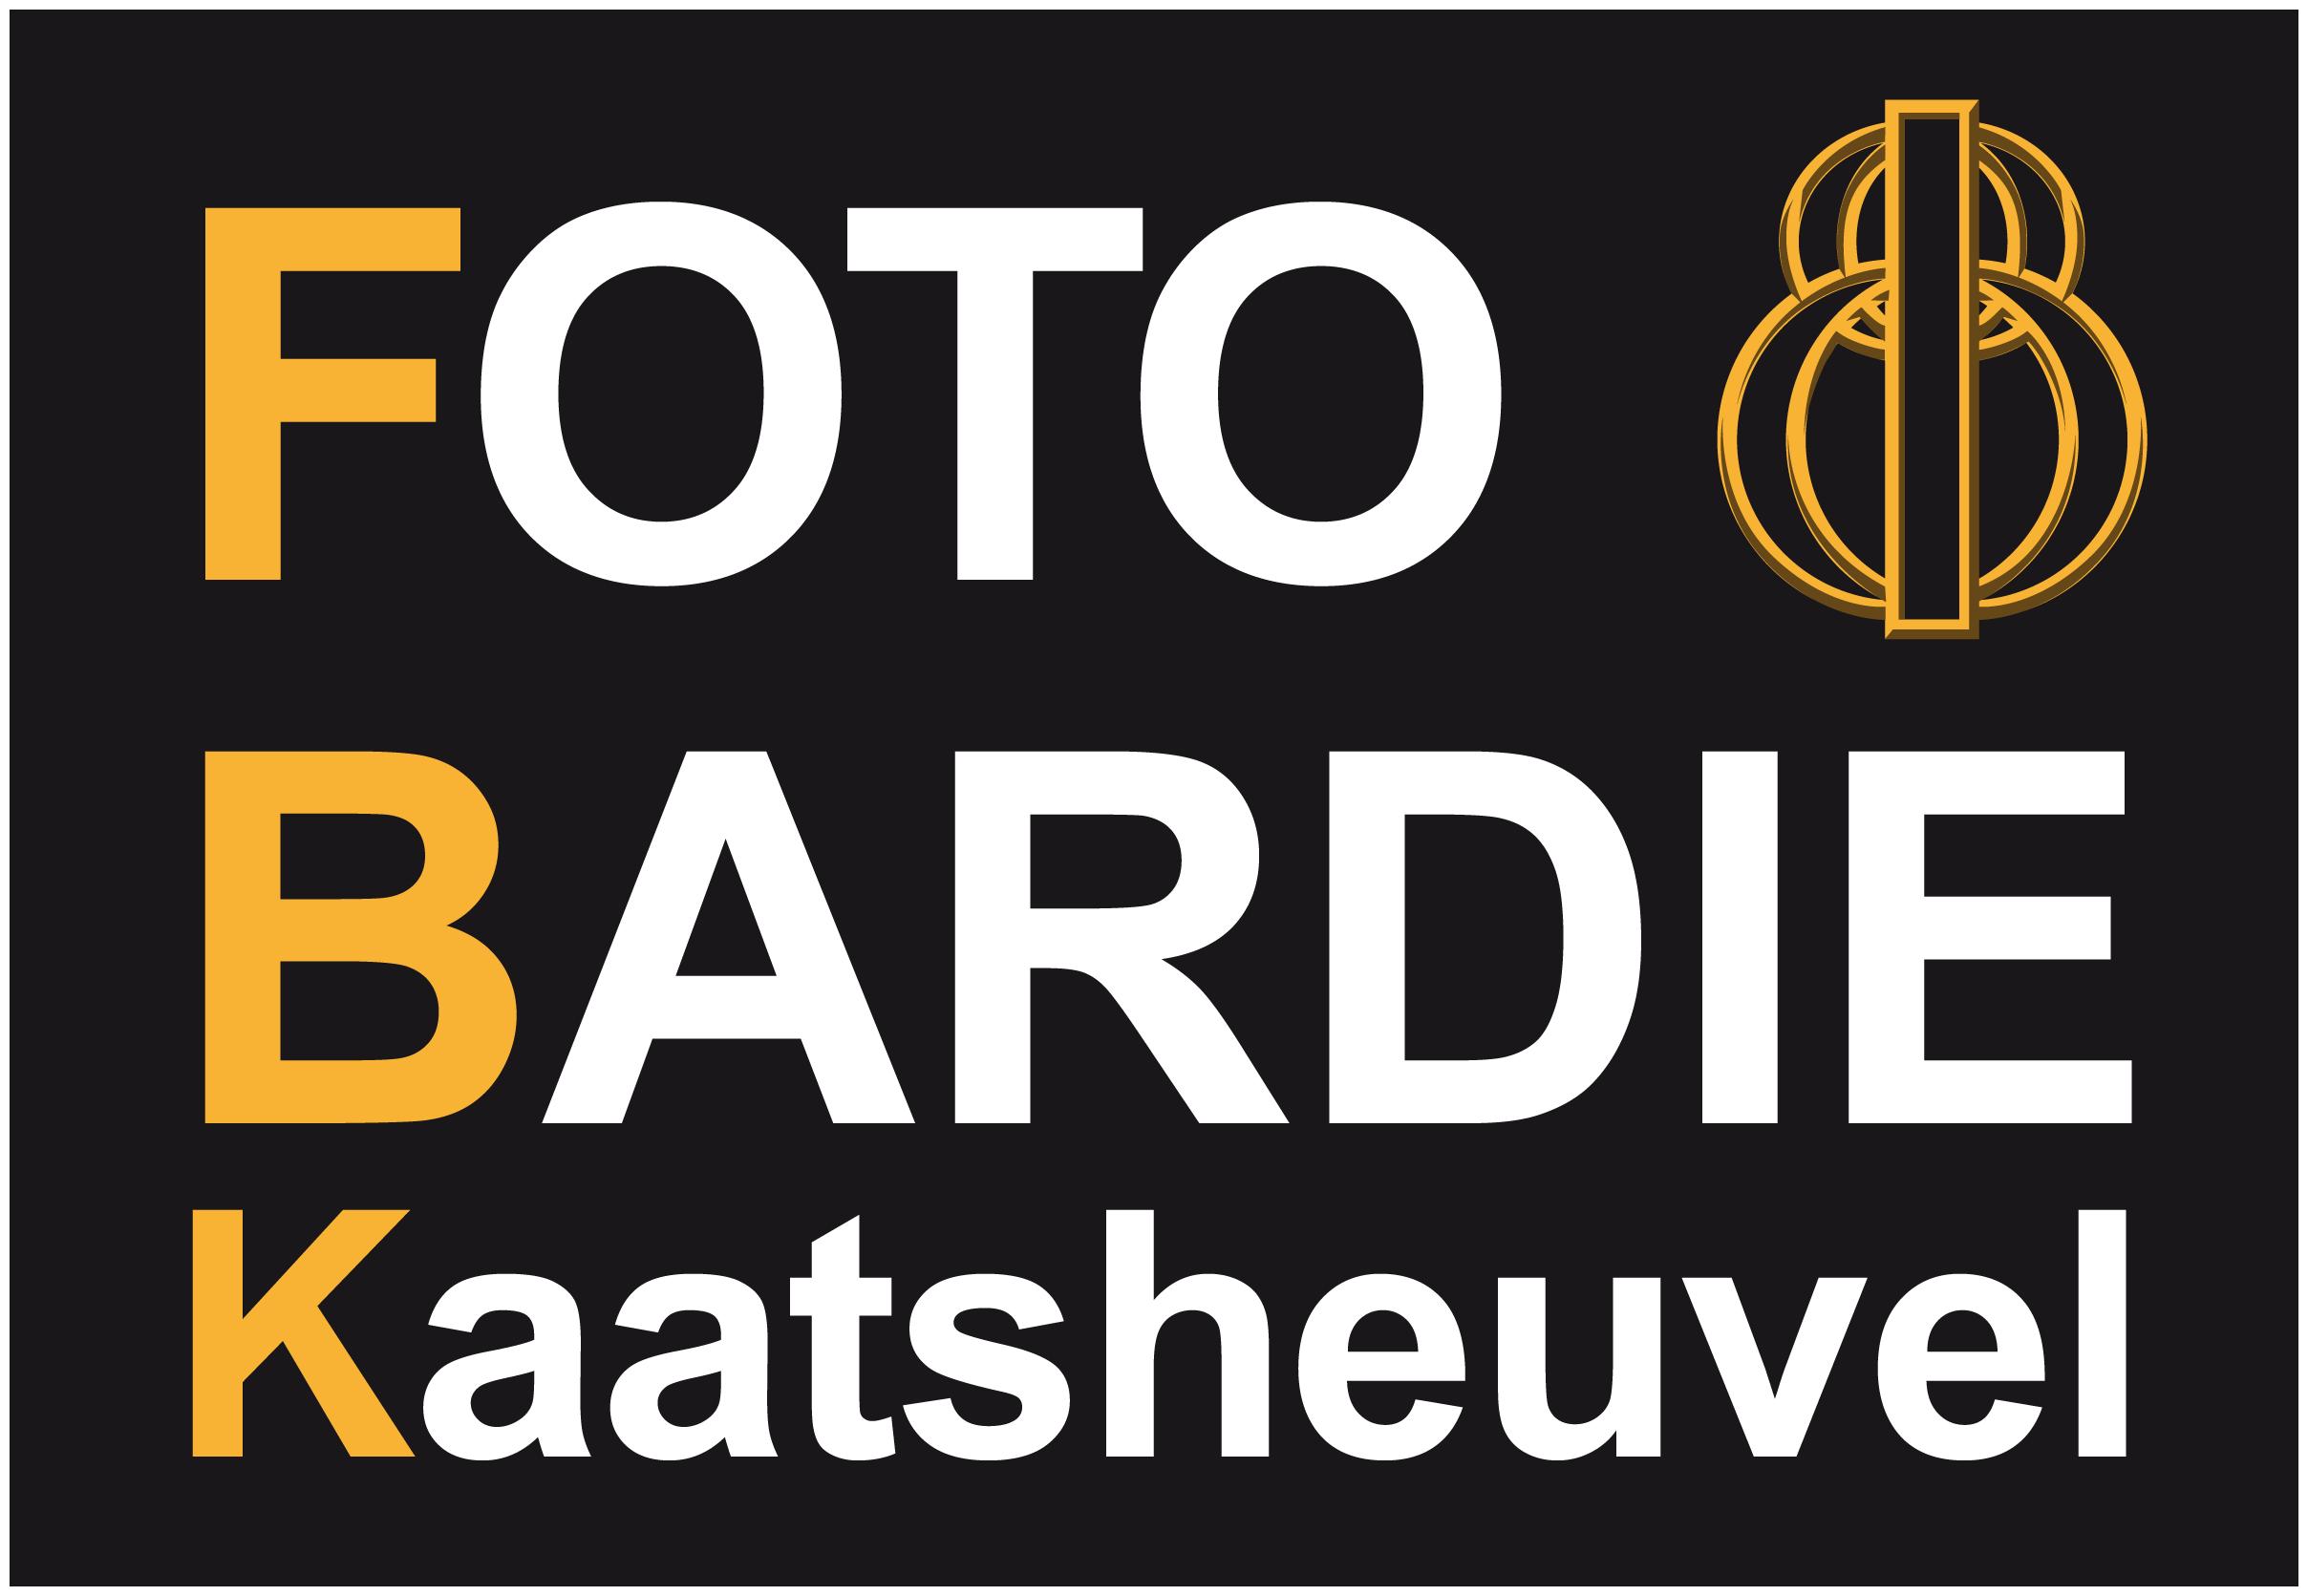 Foto-Bardie-V1-PNG.png